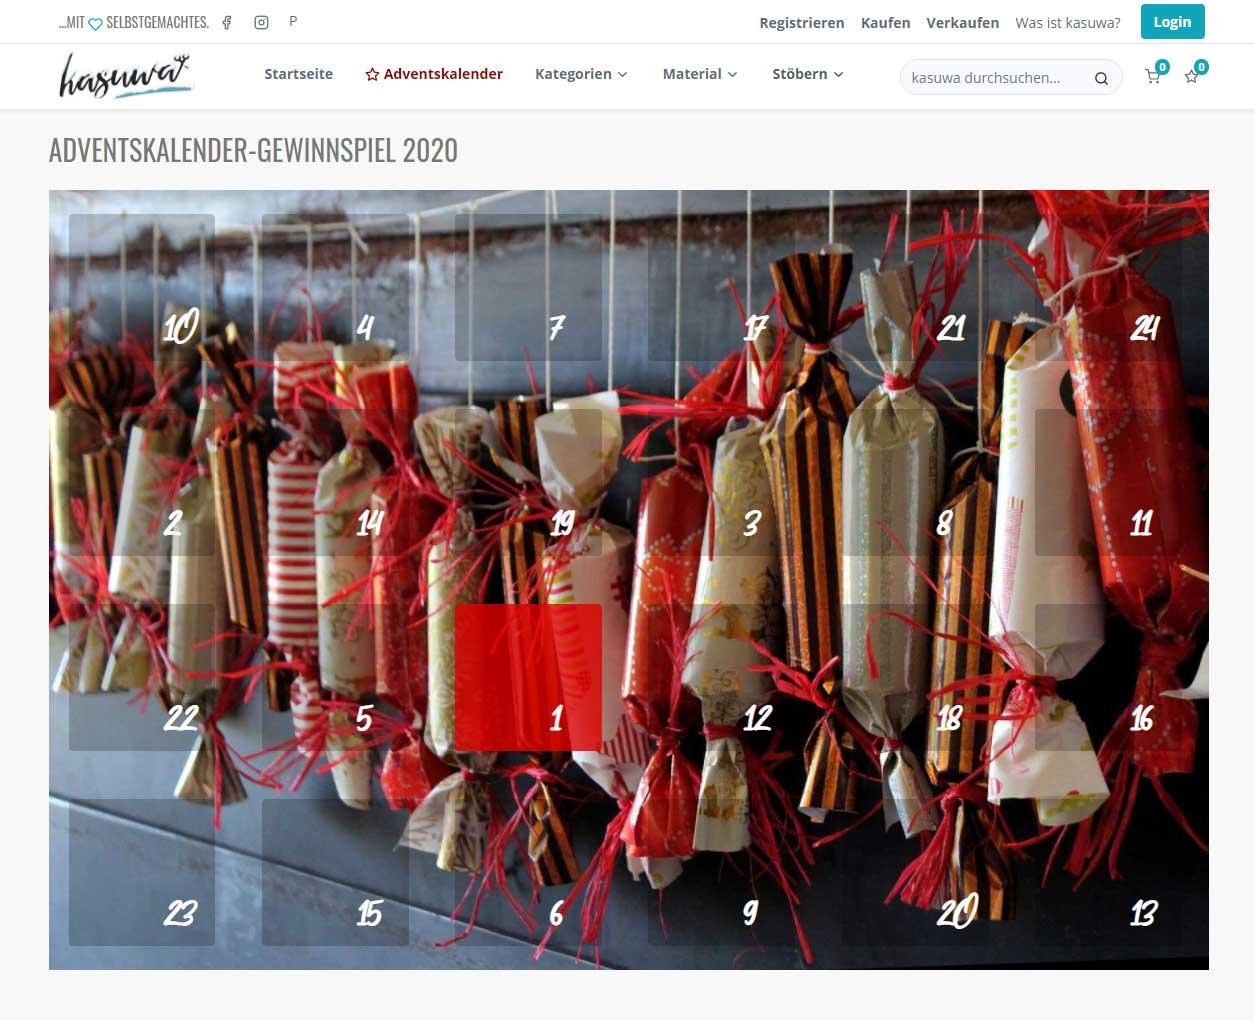 kasuwa-Adventskalender: 24 Tage lang Spaß und Spannung in der Vorweihnachtszeit